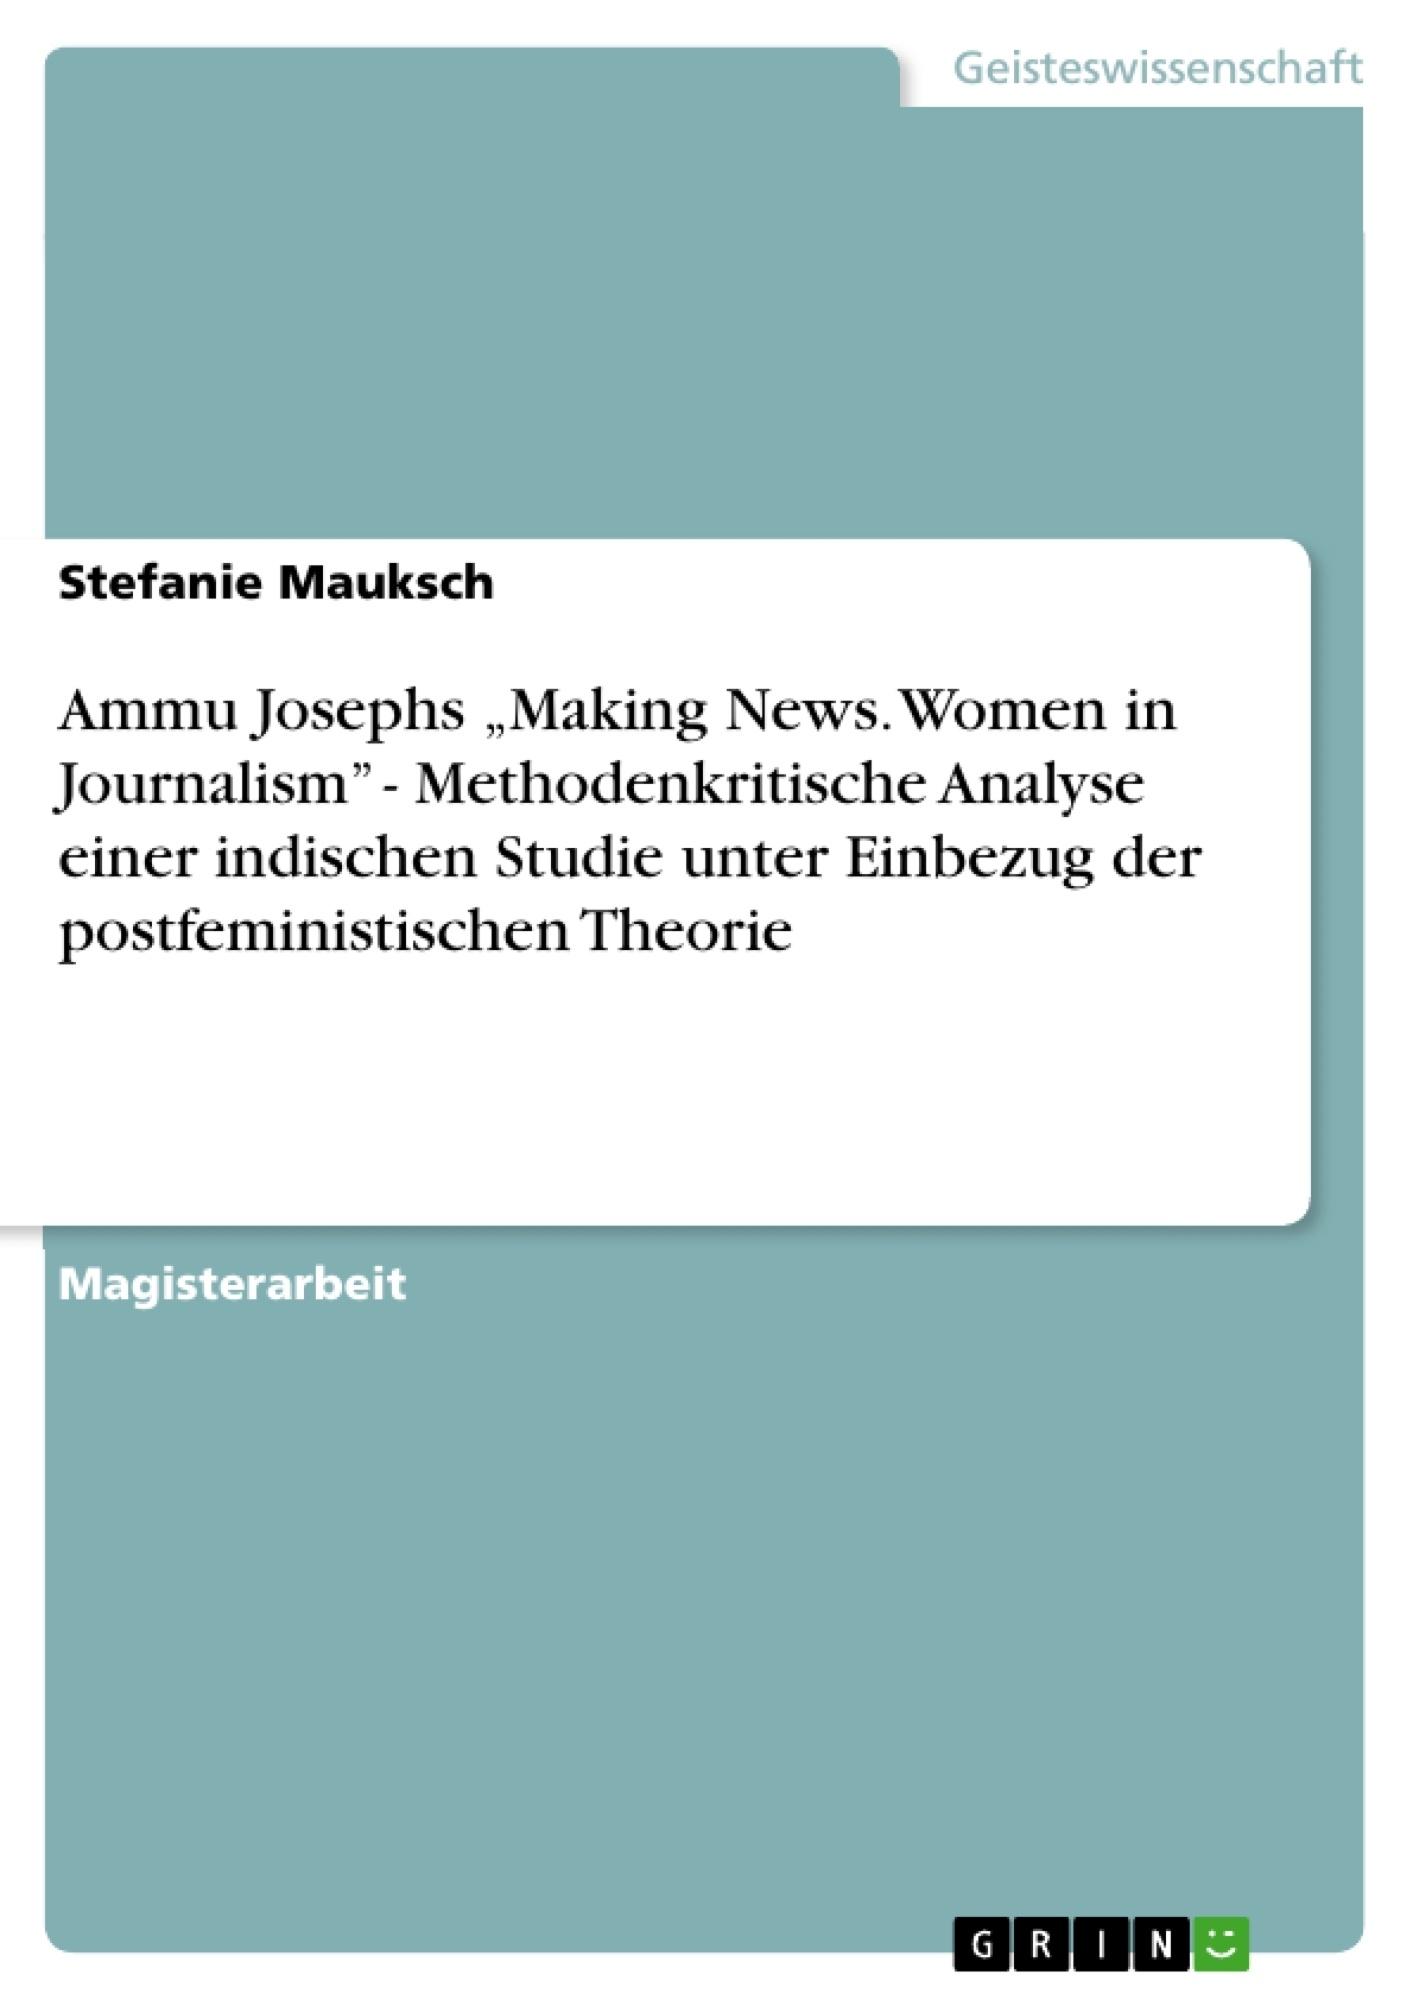 """Titel: Ammu Josephs """"Making News. Women in Journalism"""" - Methodenkritische Analyse einer indischen Studie unter Einbezug der postfeministischen Theorie"""